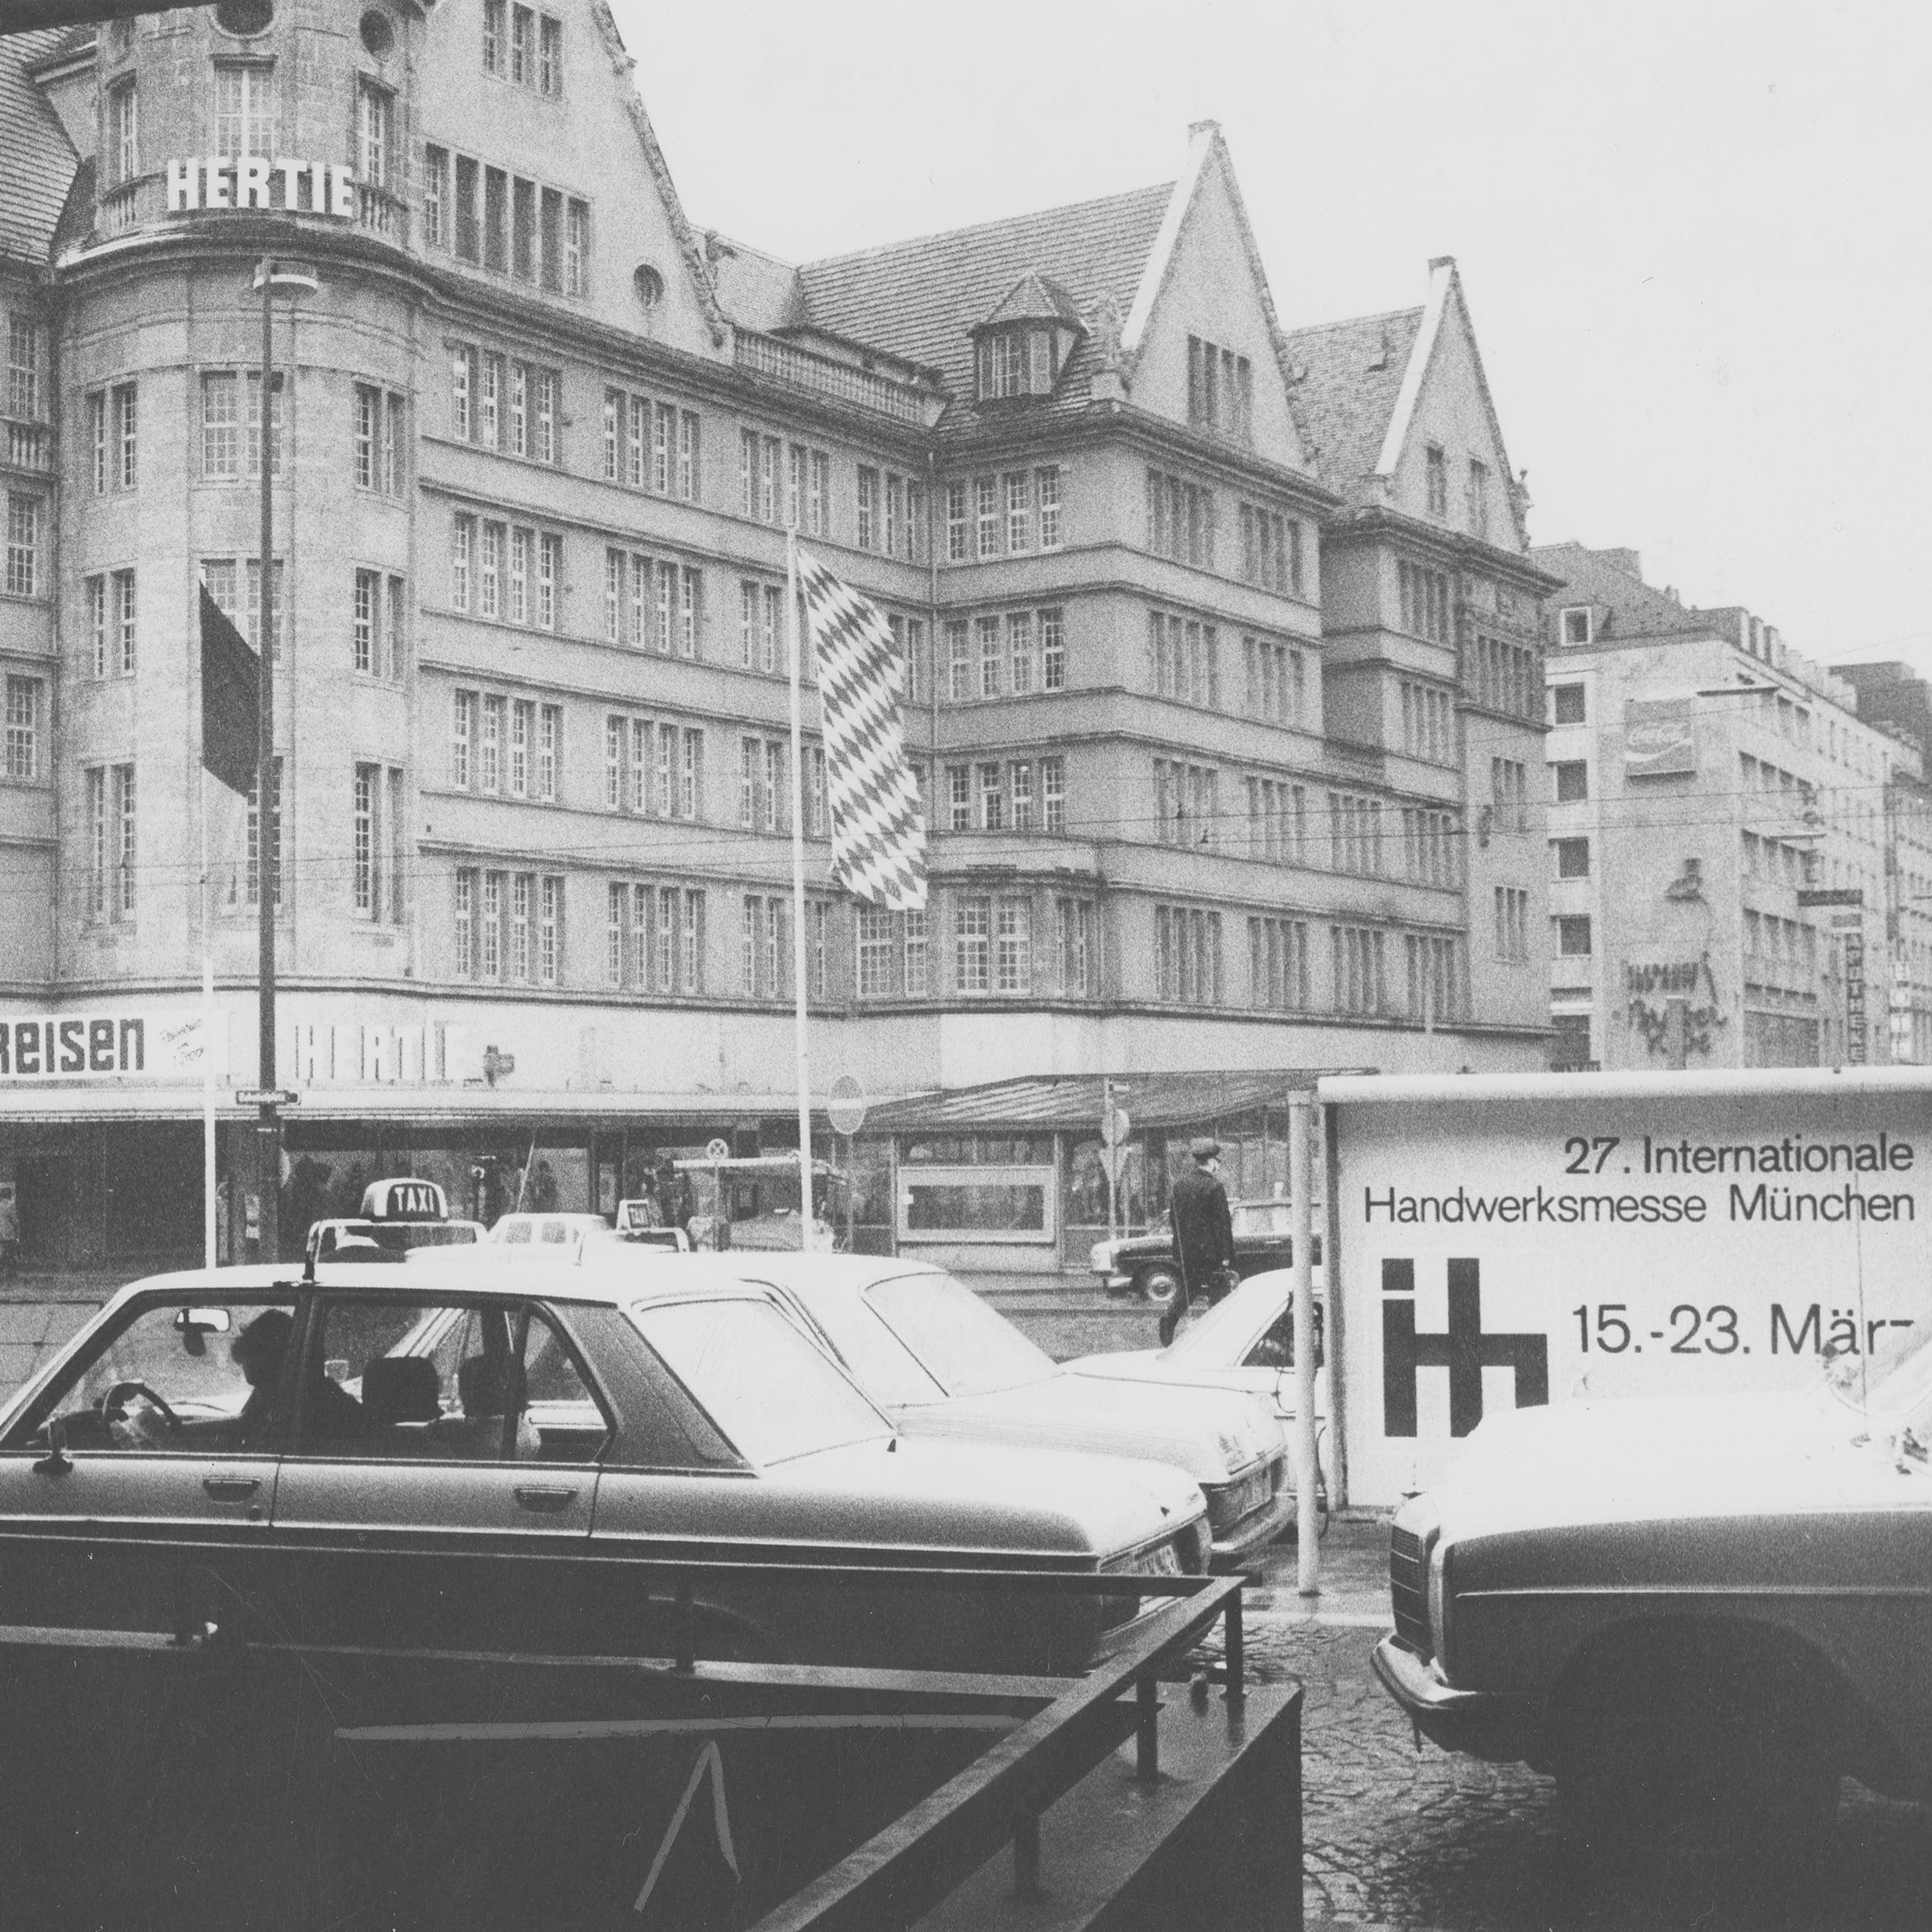 Schwarzweissfotografie des Warenhauses mit Blick auf den Erweiterungsbau um 1975